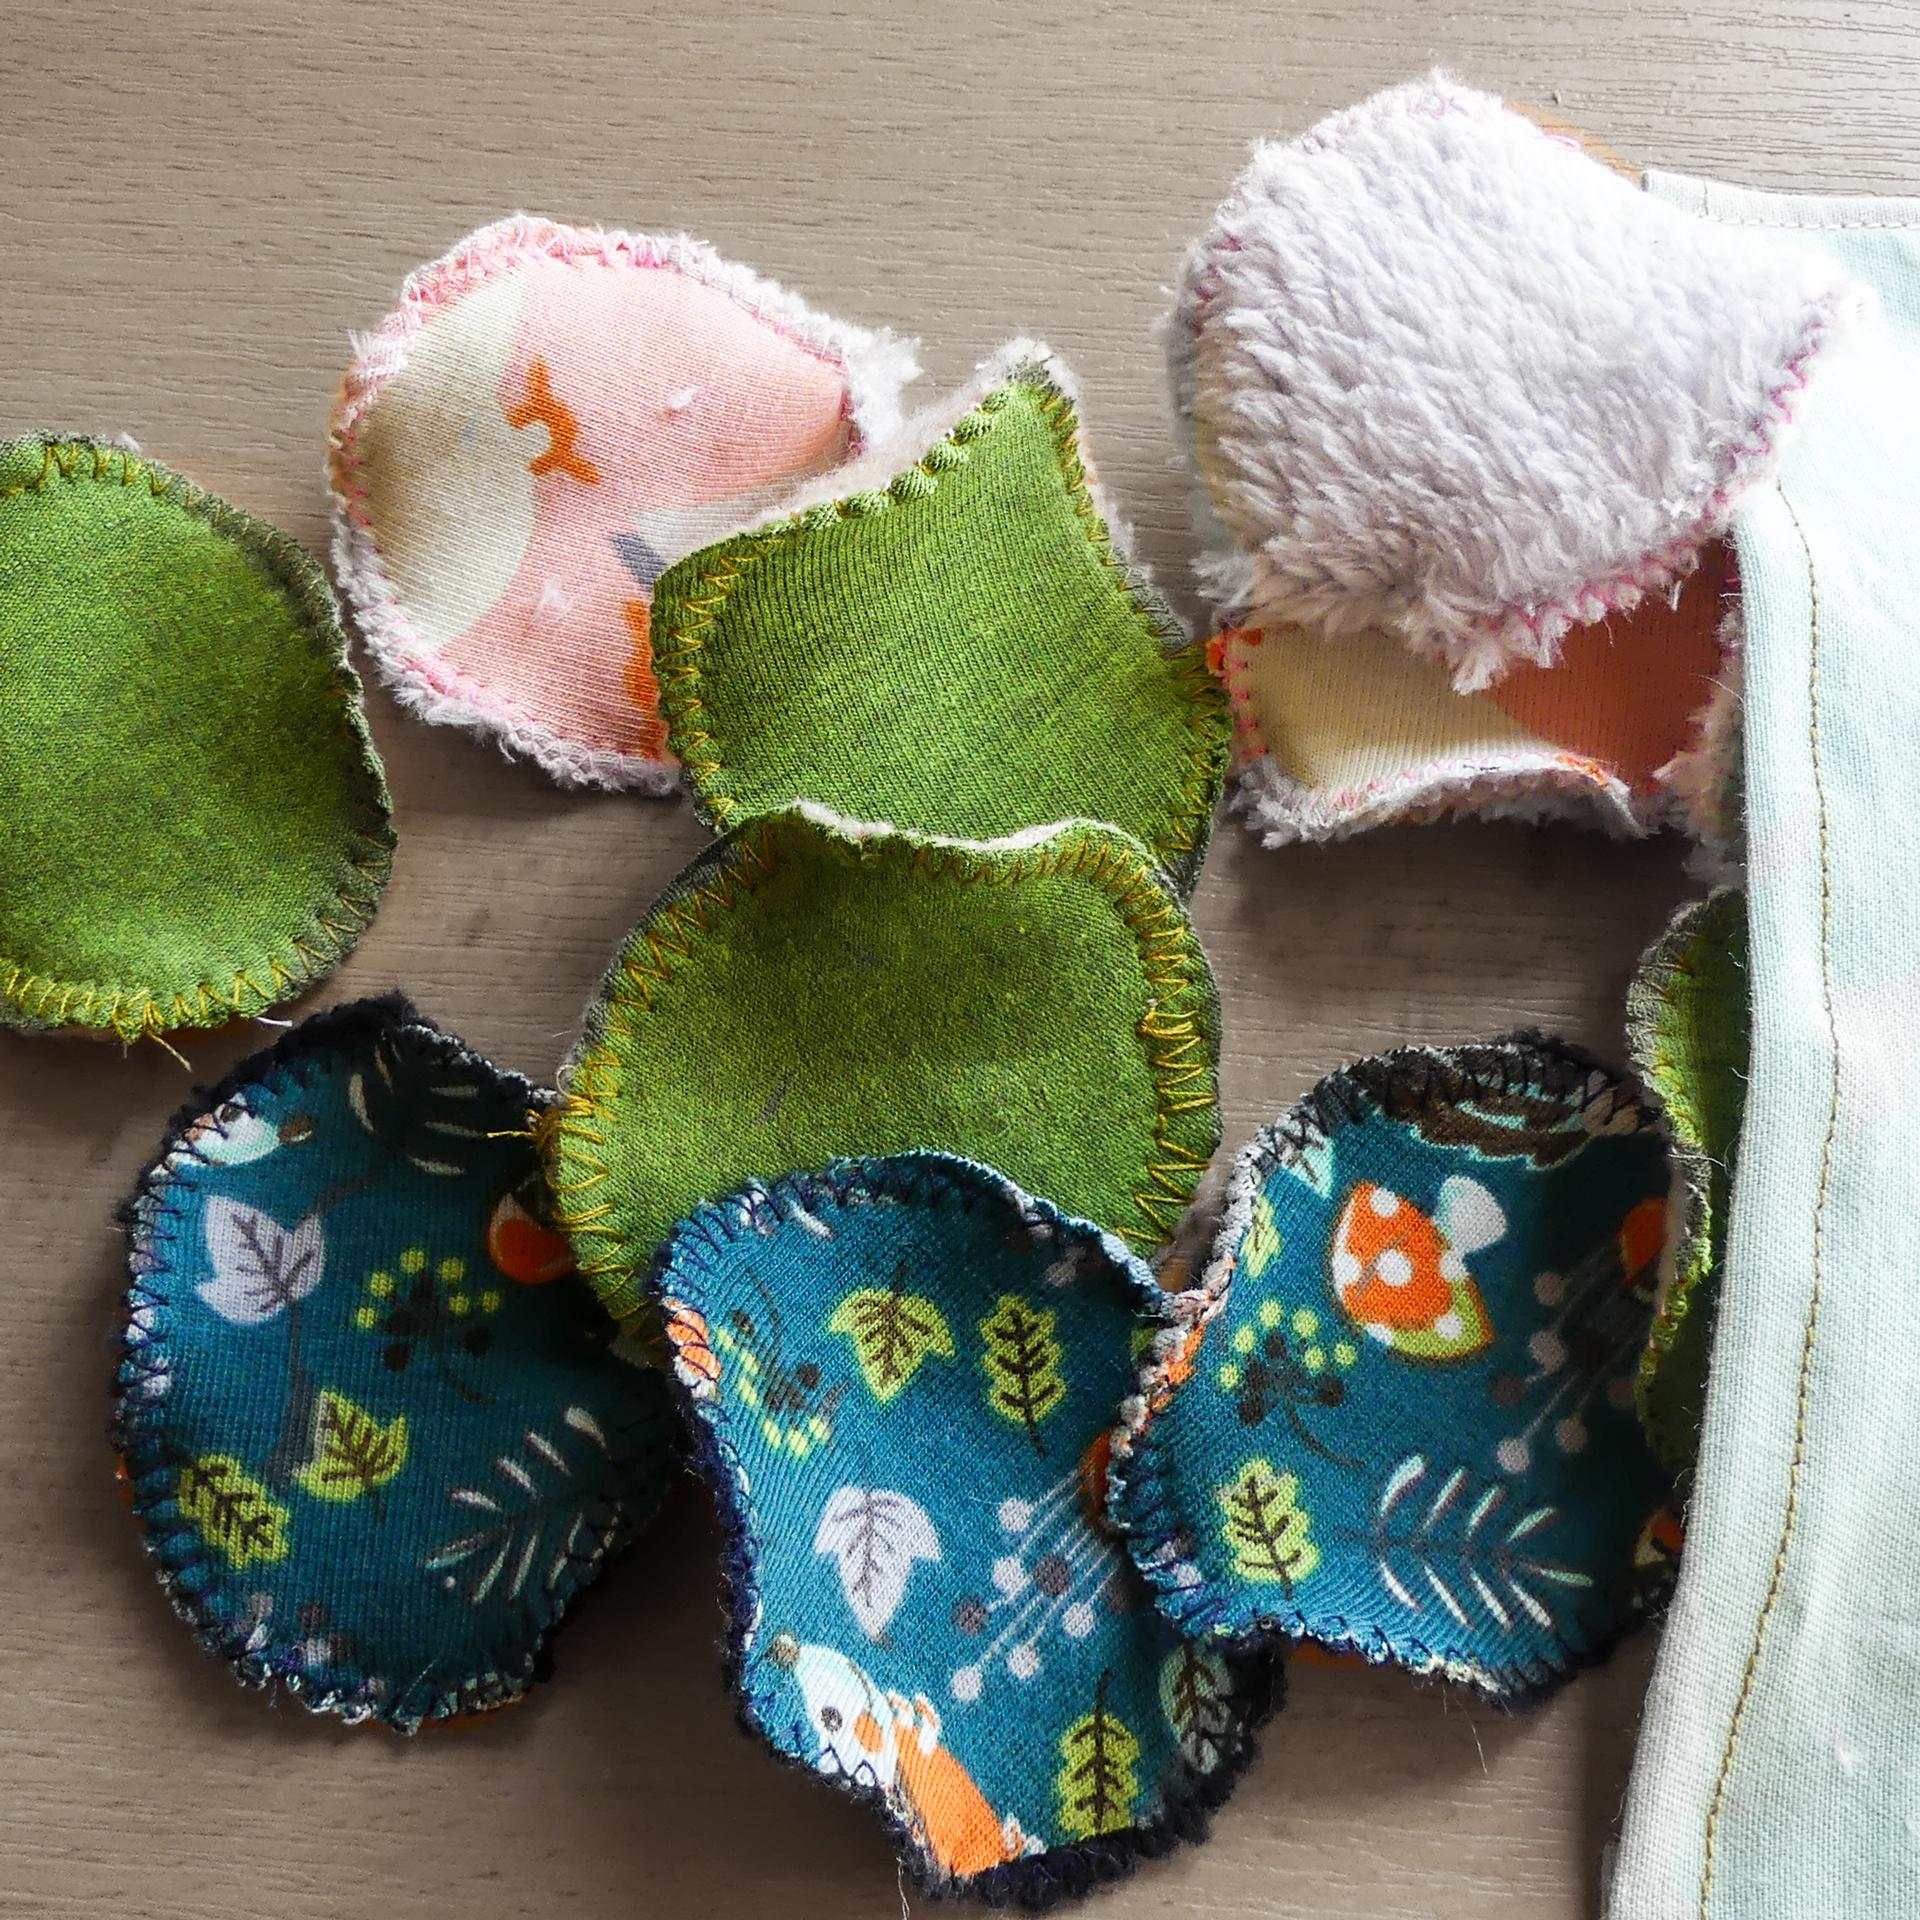 Látkové odličovací tamponky- Vyrobte si sami